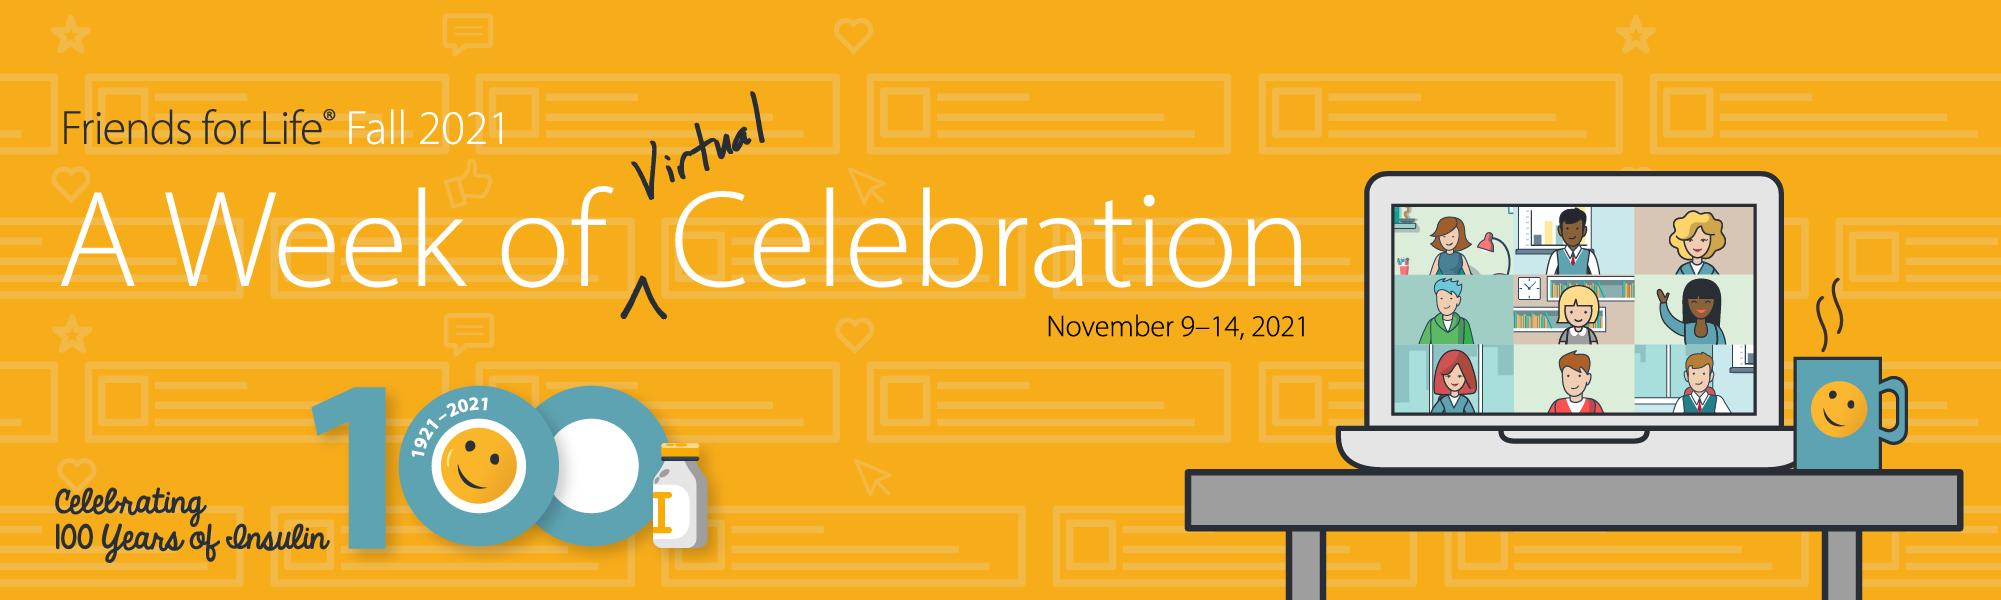 FFL Fall 2021 - A Week of Virtual Celebration